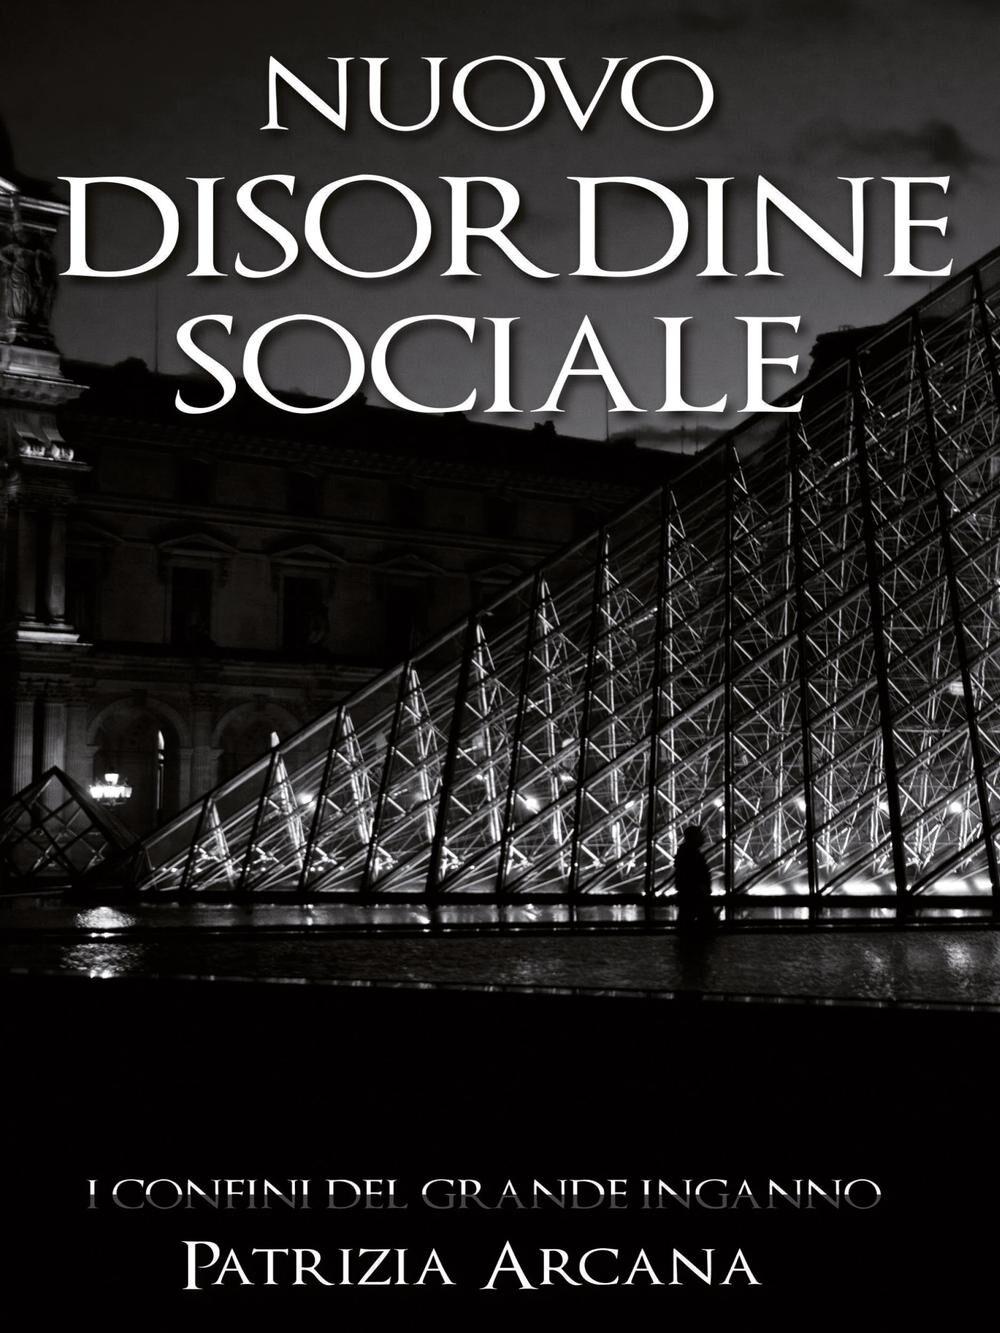 Nuovo disordine sociale: i confini del grande inganno